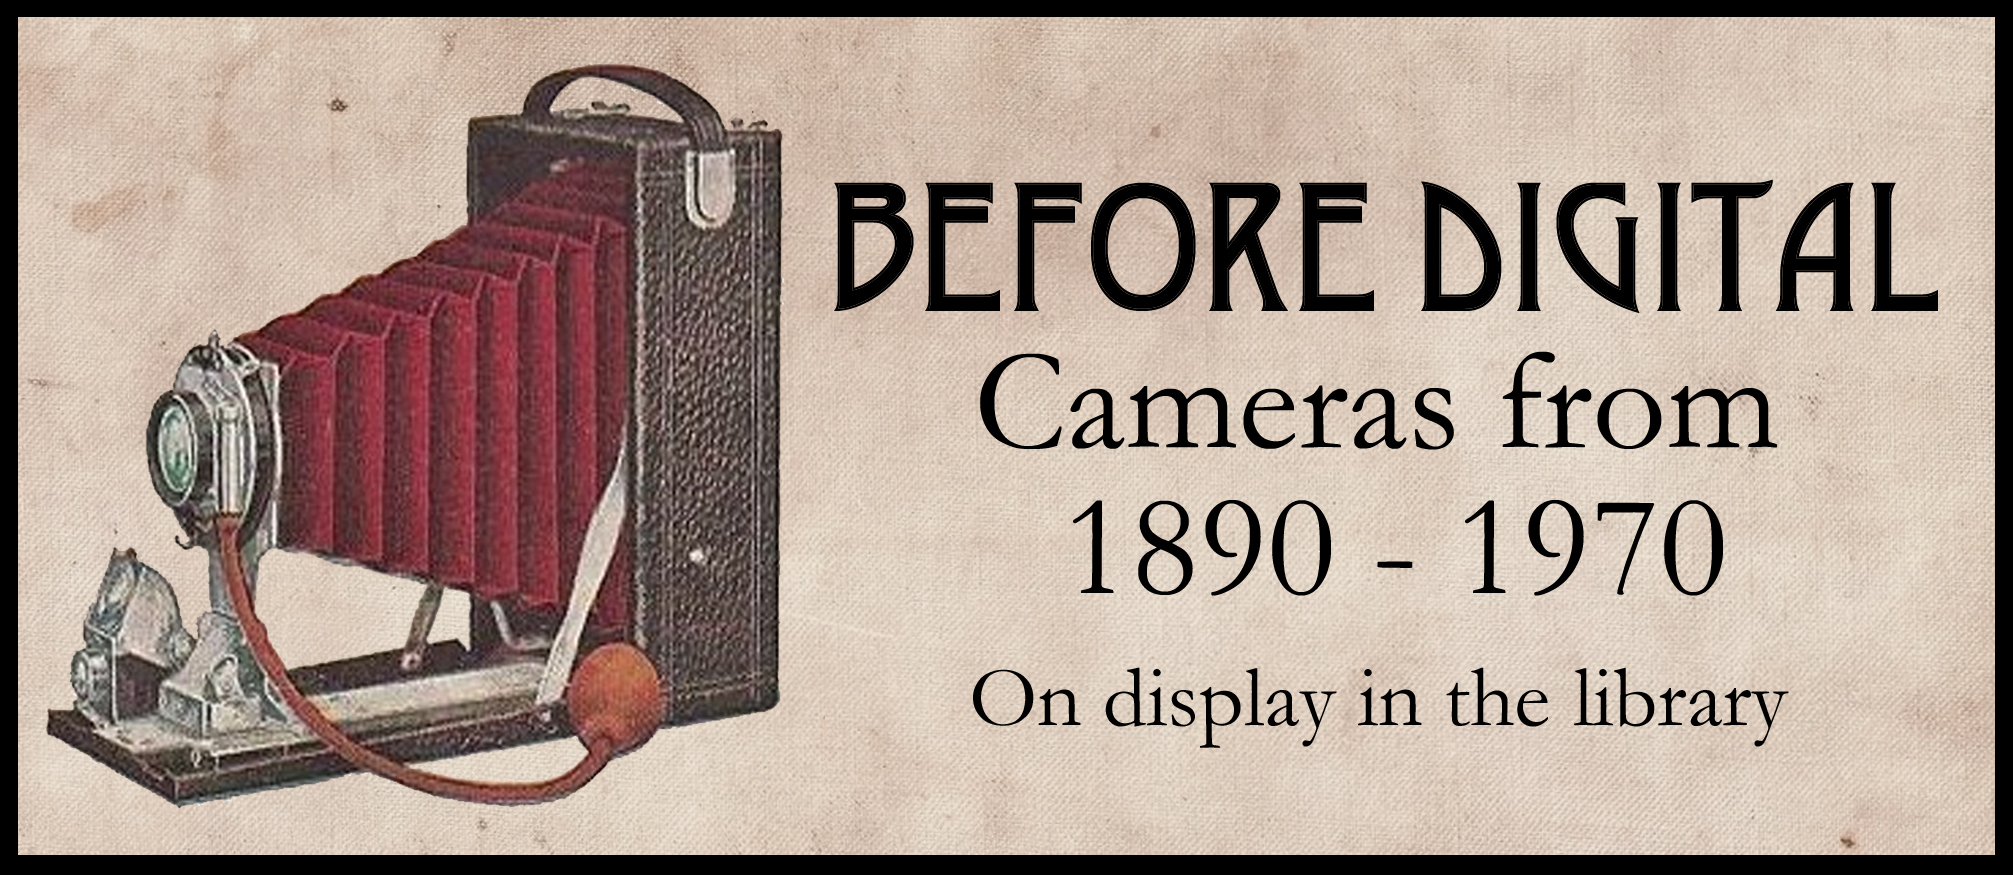 Library Camera Exhibit